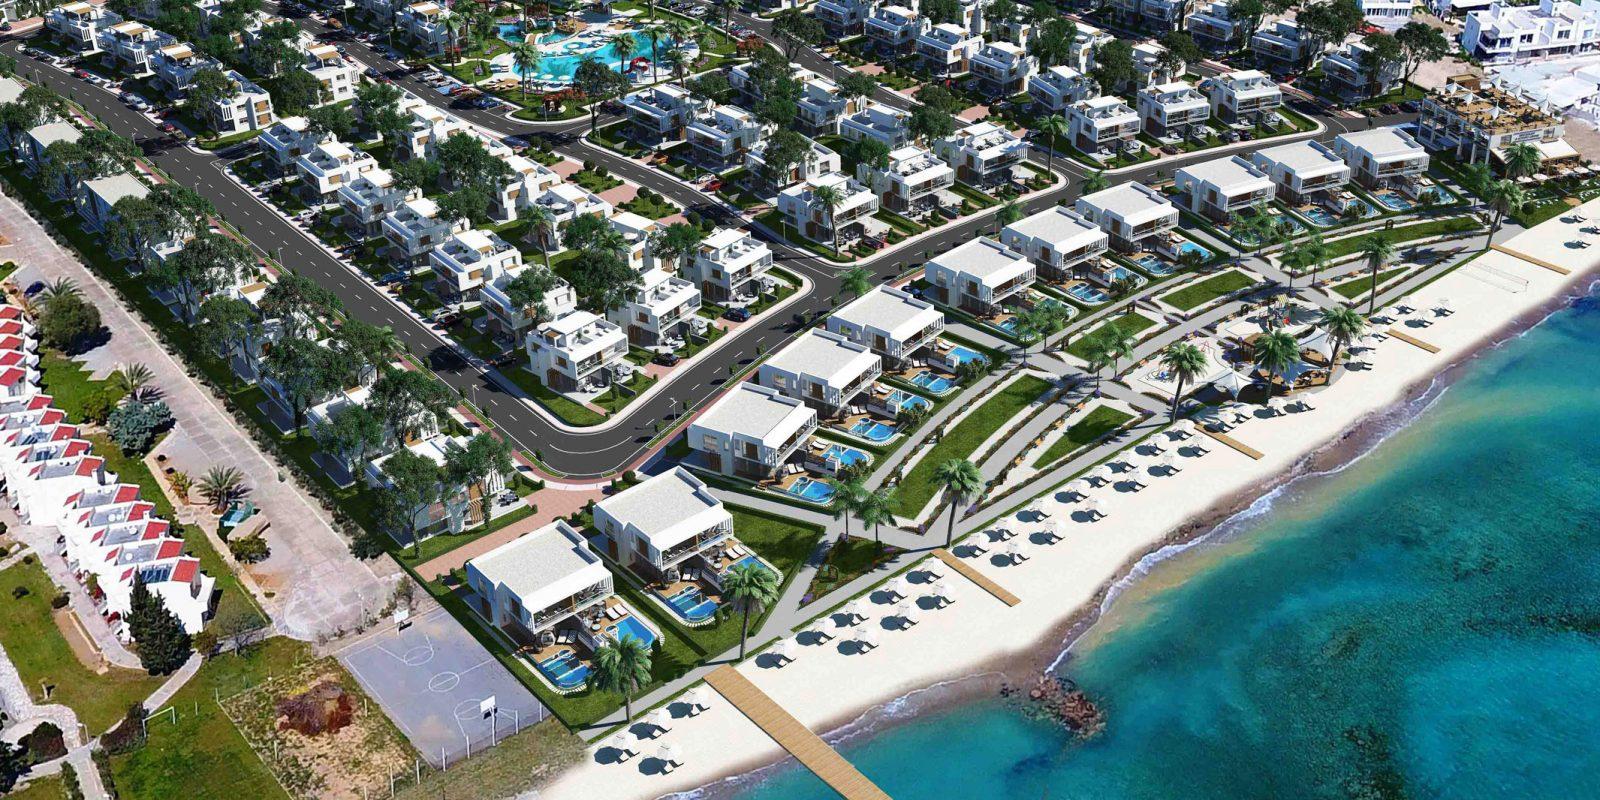 پروژه ساحلی لانگ بیچ 2